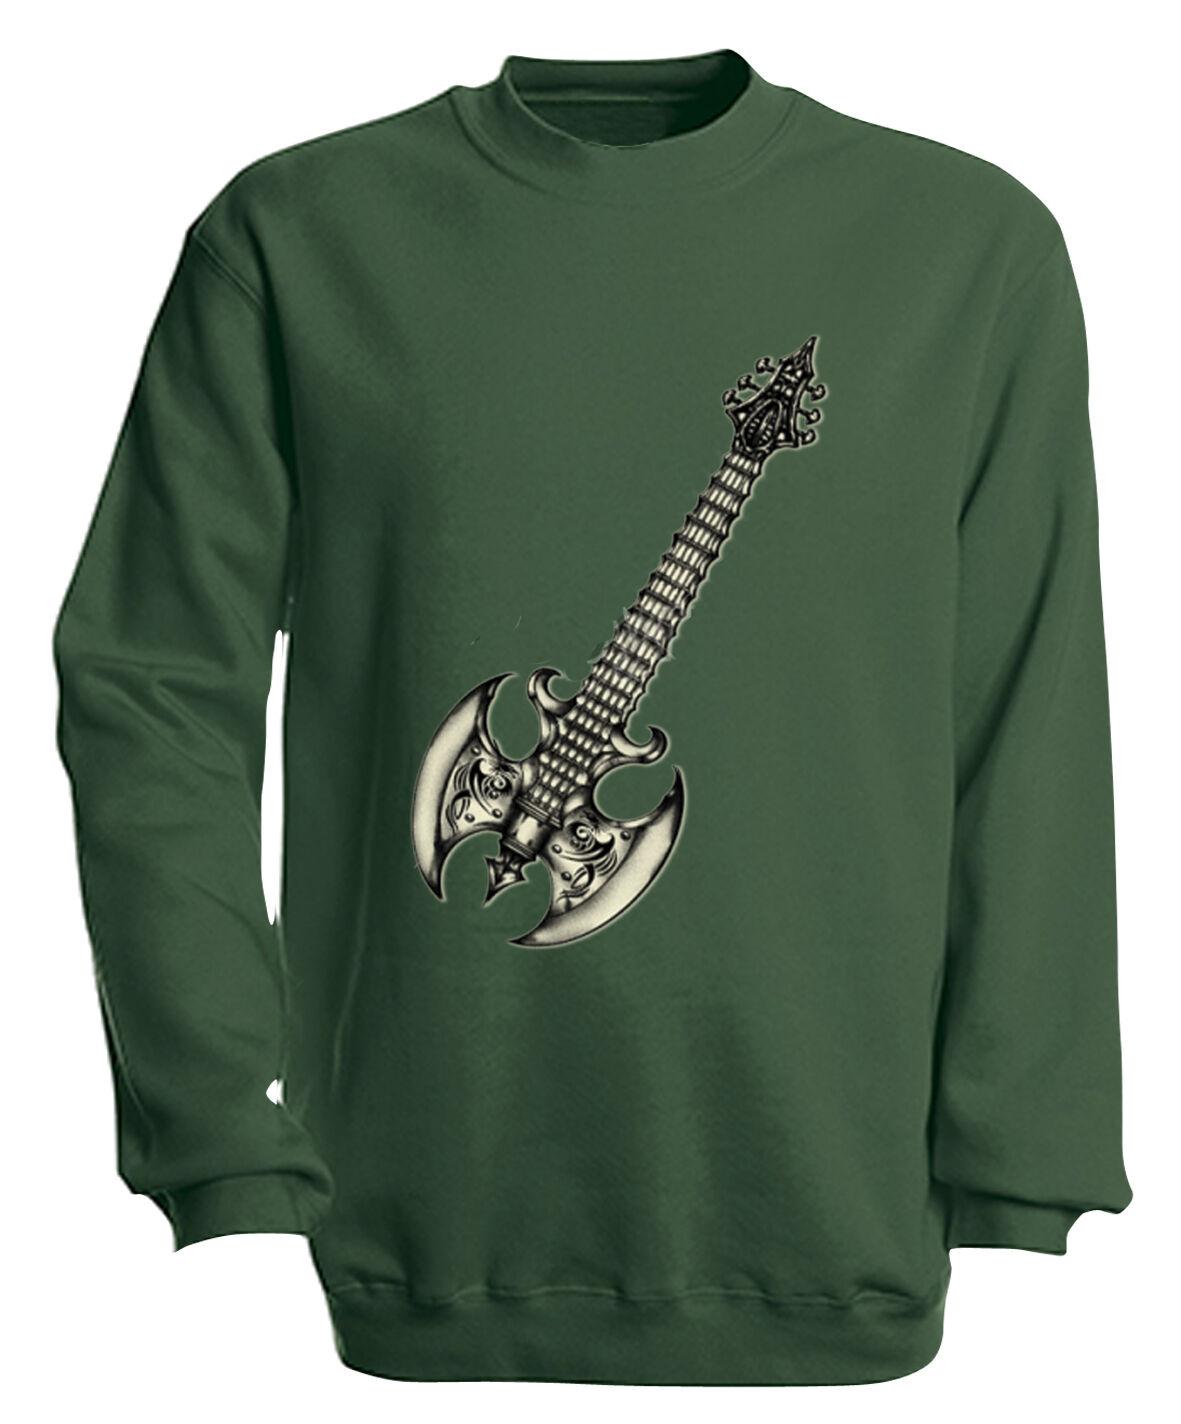 (10252-1 grün) Sweatshirt S M L XL XXL 3XL 4XL Musik Shirts - METALL GITARRE     | Schön und charmant  | Düsseldorf Online Shop  | Meistverkaufte weltweit  | Günstige  | Qualität